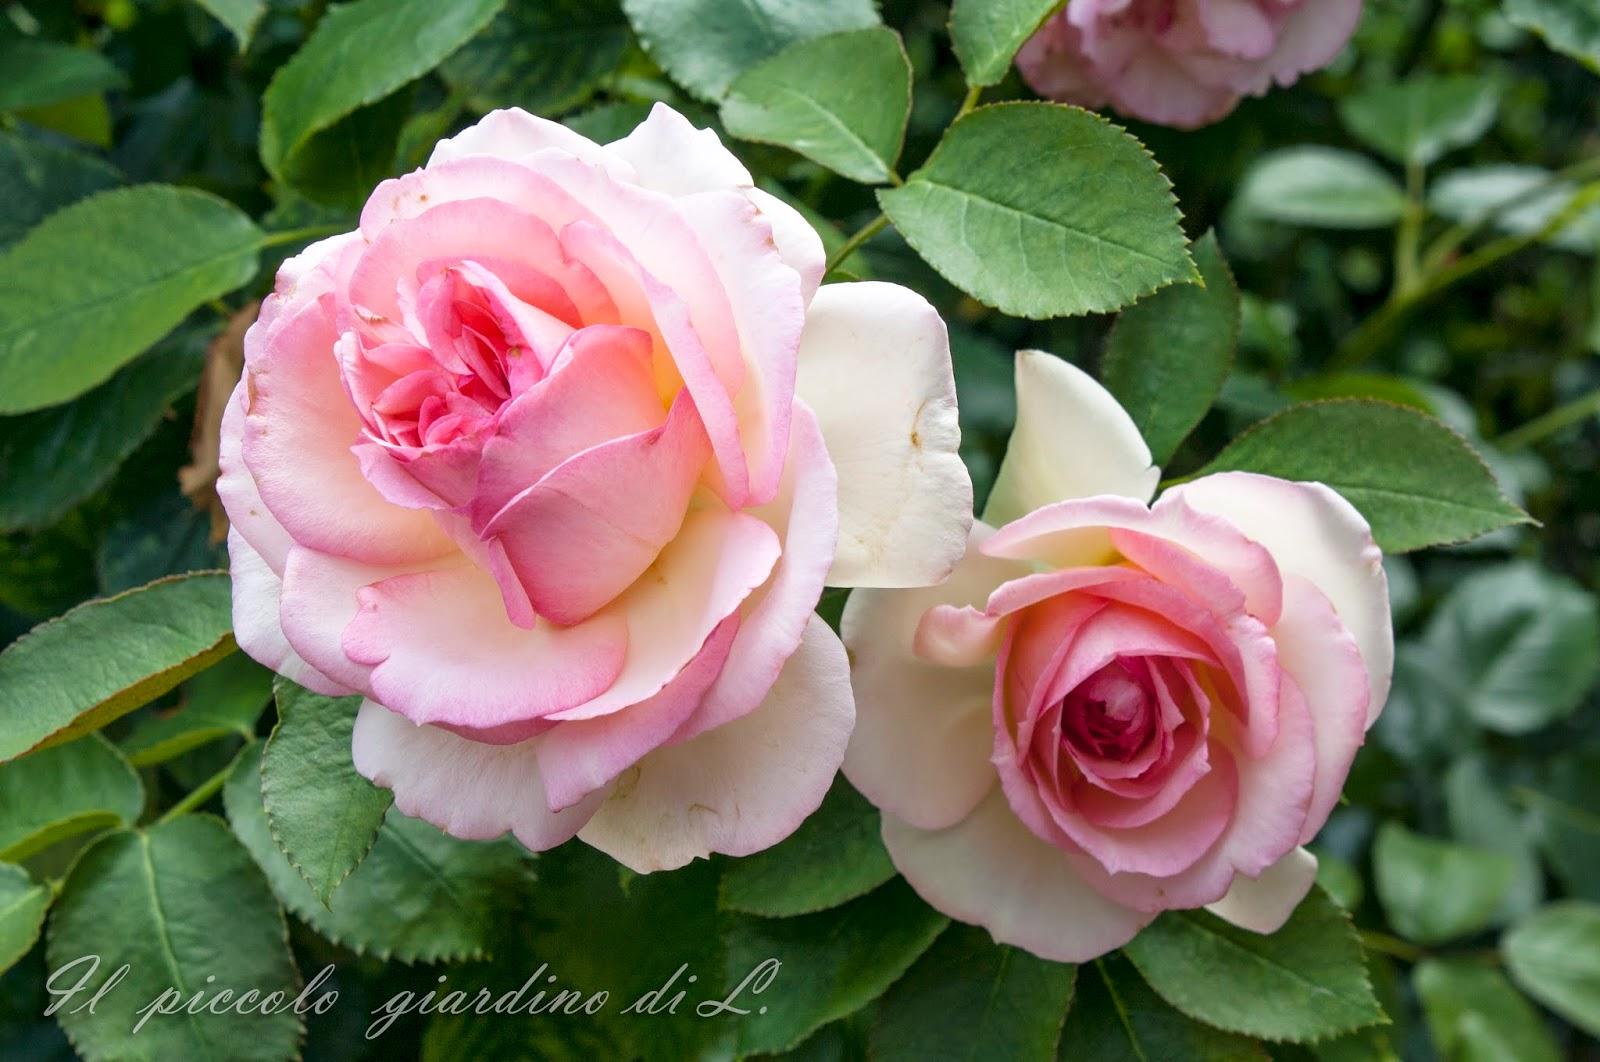 Il piccolo giardino di l rassegna di inizio luglio for Pierre de ronsard rosa